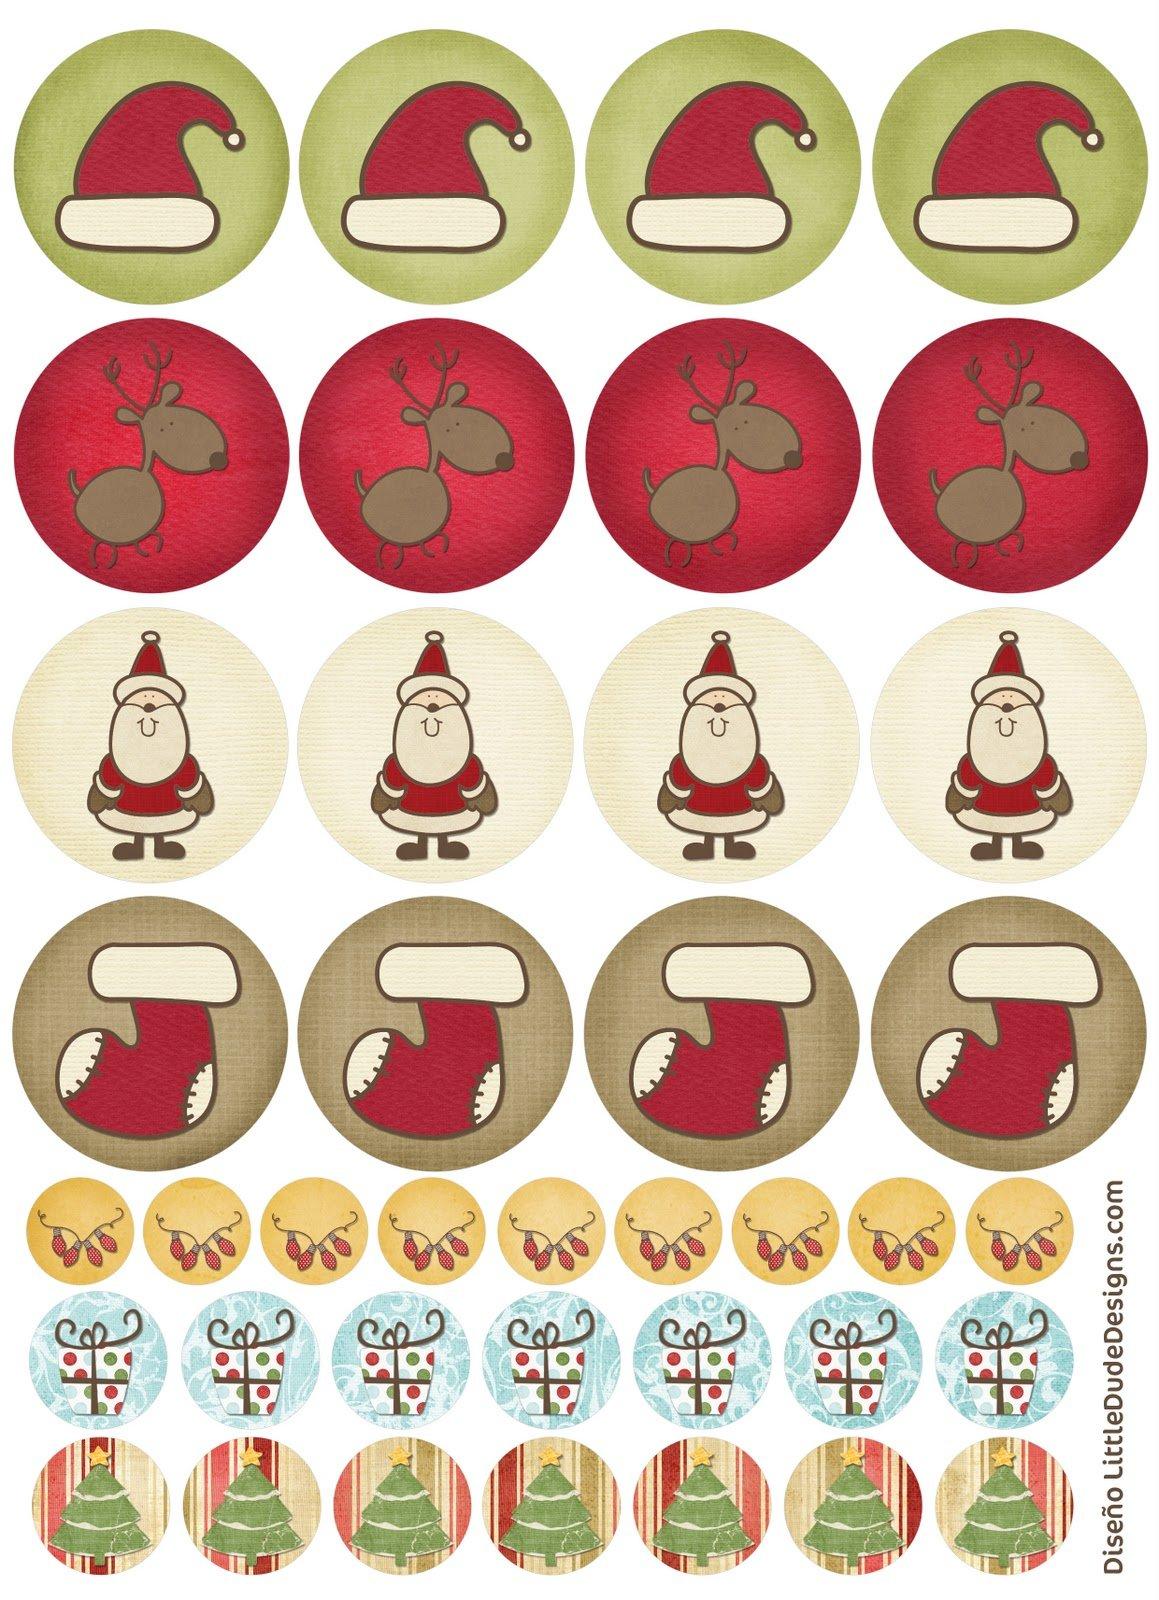 Tarjetas etiquetas y pegatinas de Navidad para imprimir